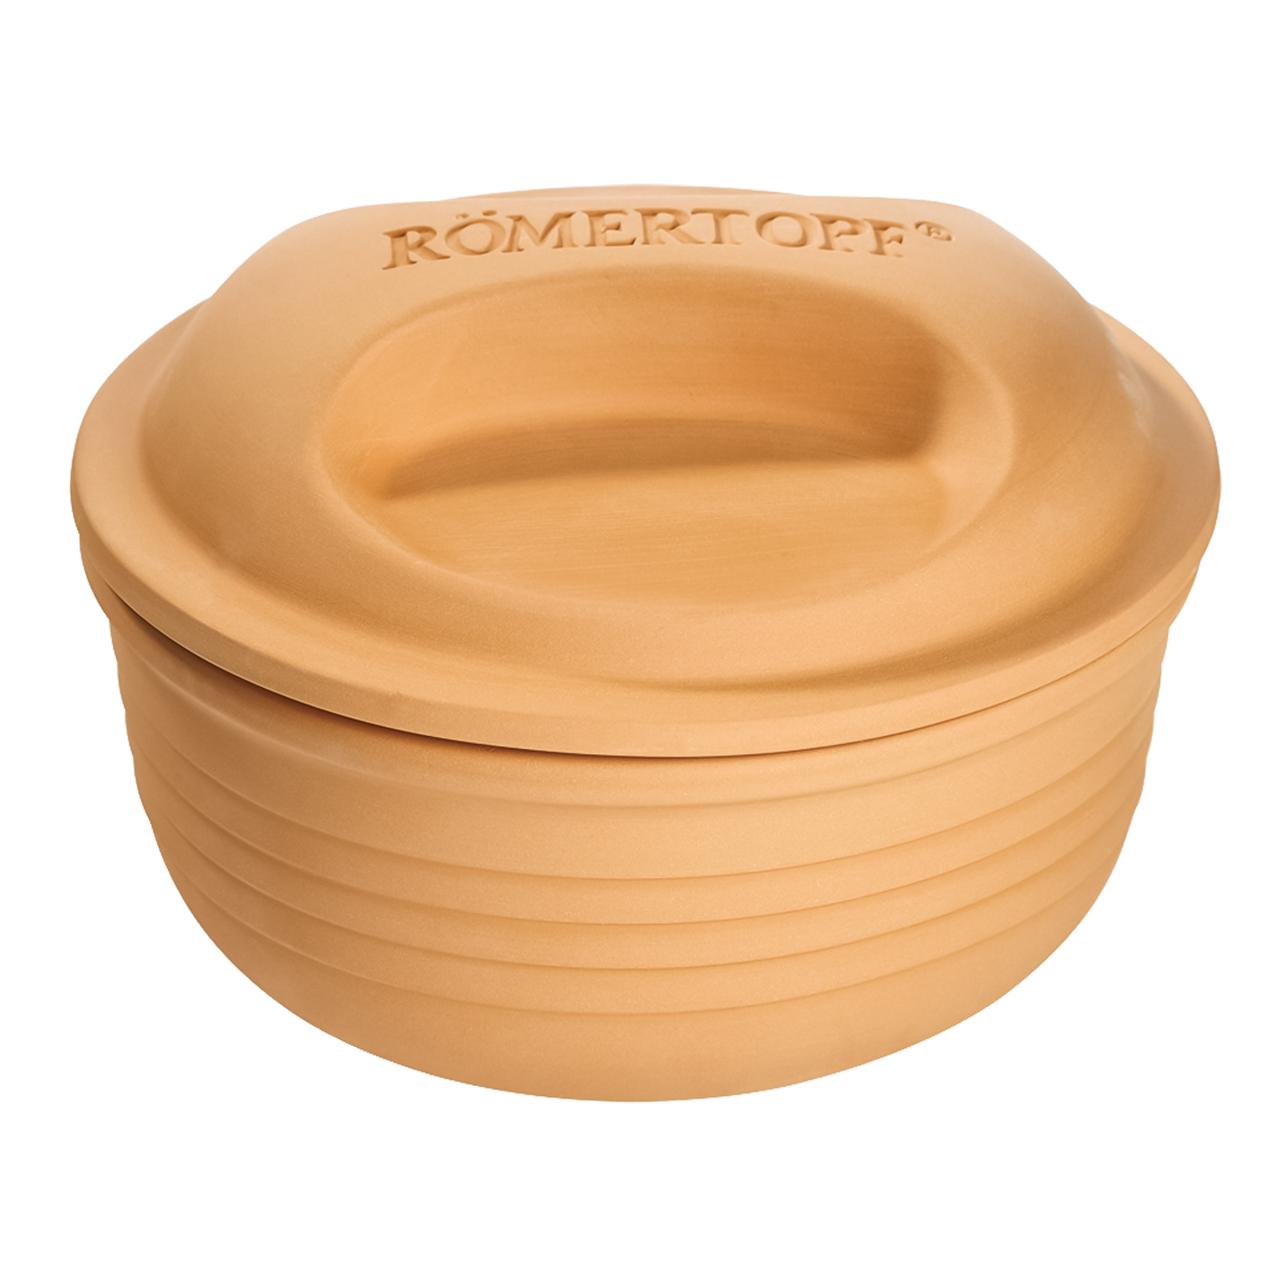 ظرف پخت رومرتوپف مدل Multi.R کد 15005